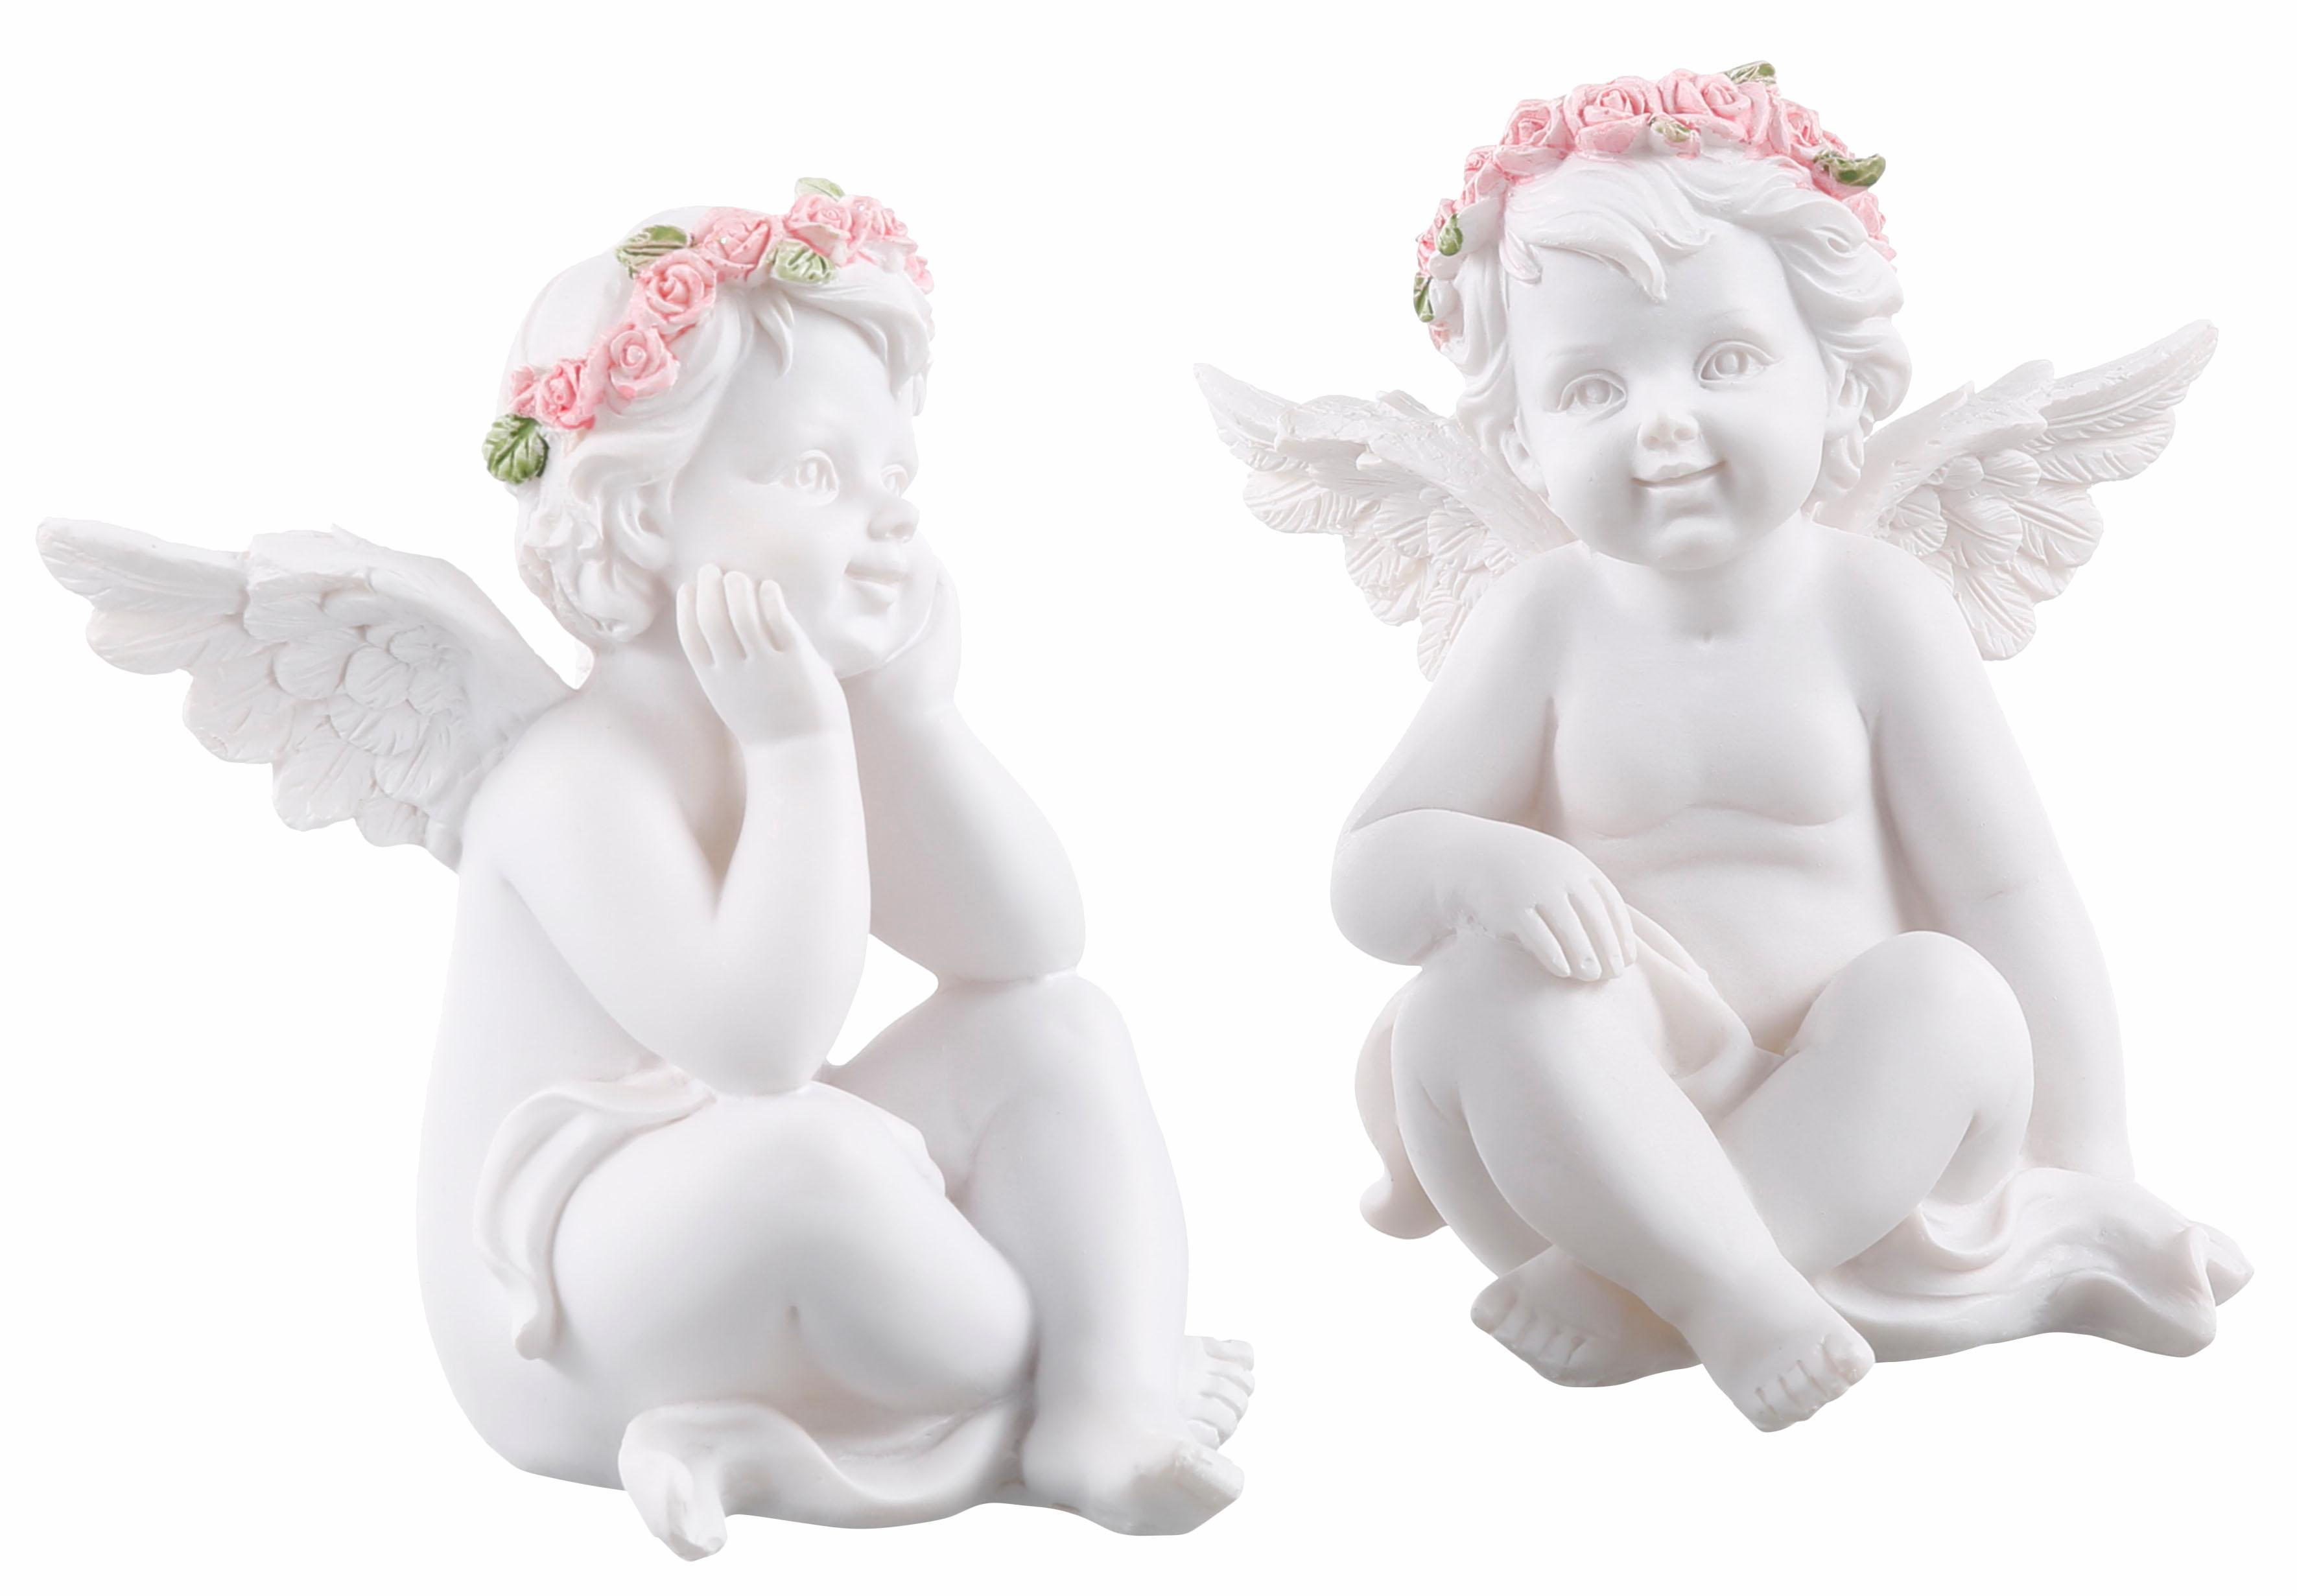 pajoma Engelfigur Engel Rosalia, (2er Set) weiß Engelfiguren Figuren Skulpturen Wohnaccessoires